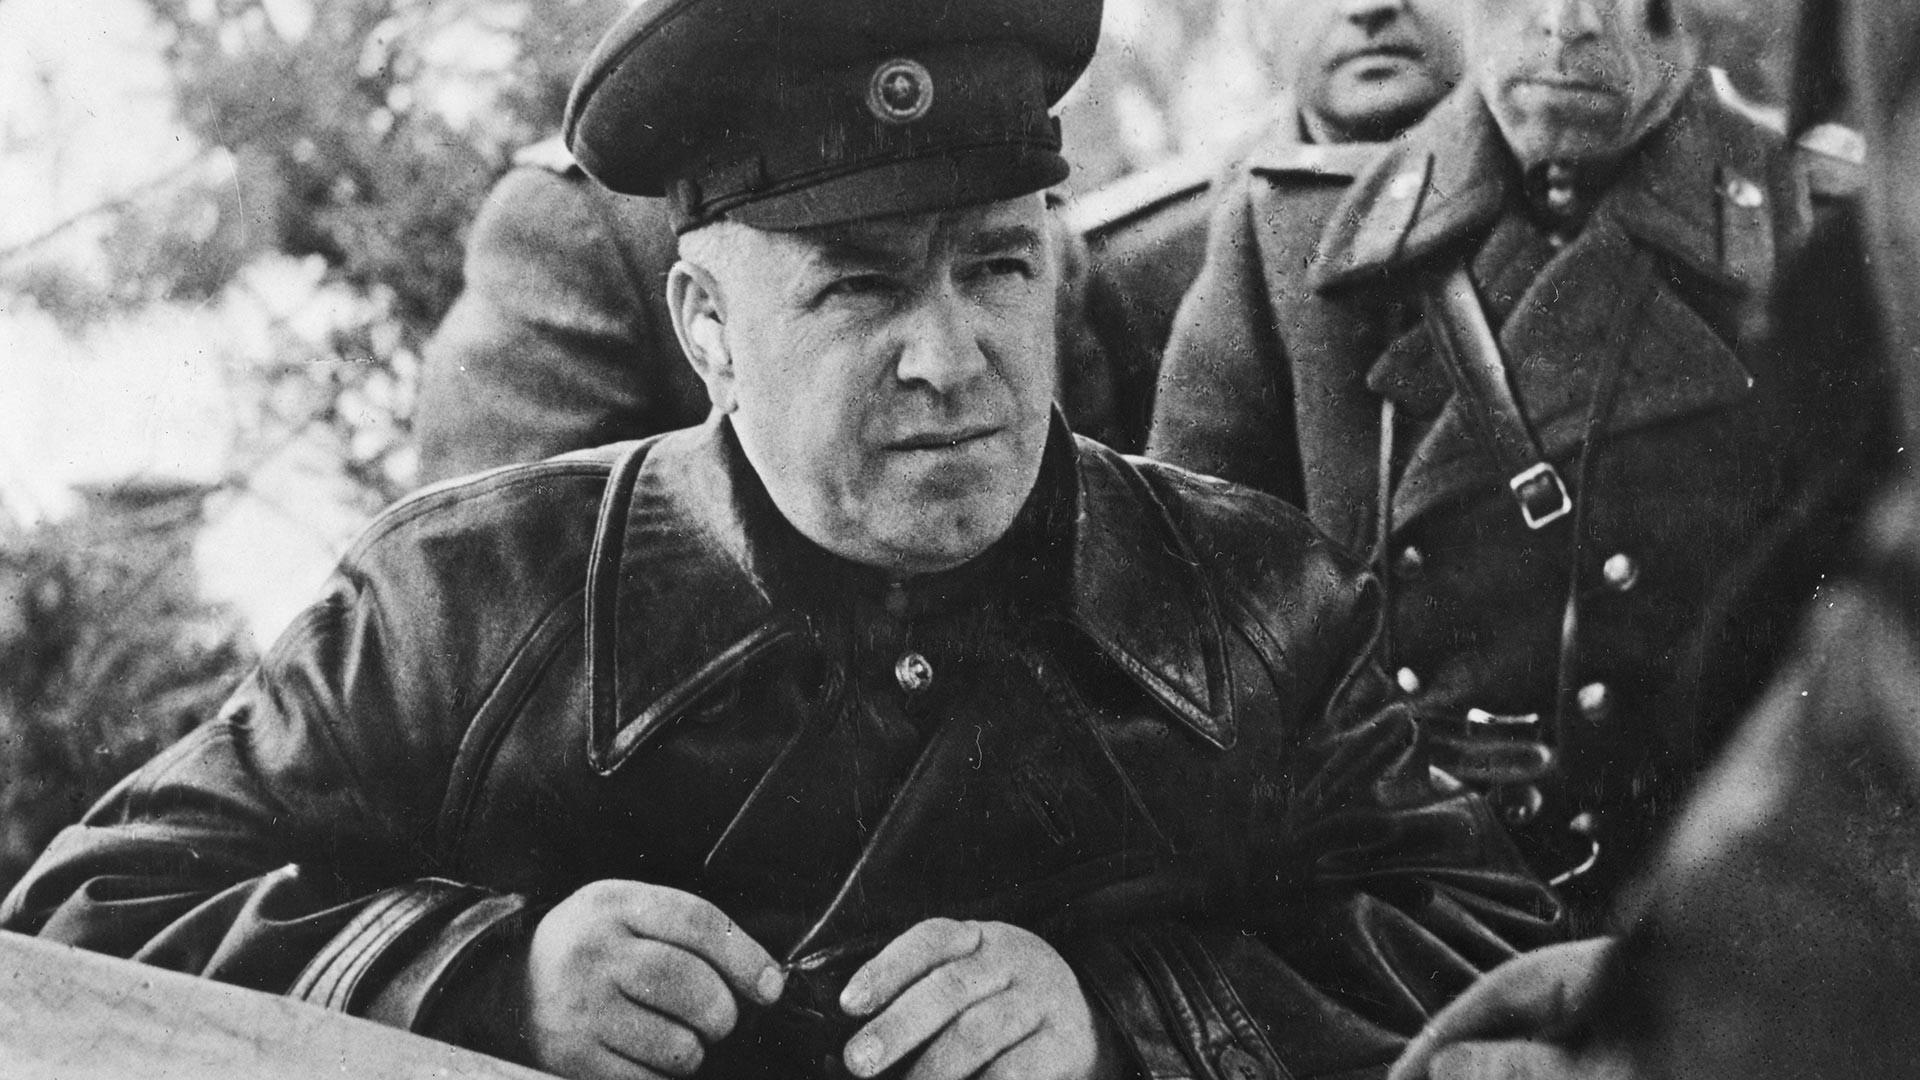 El mariscal Gueorgui Zhúkov (1896-1974), comandante de las tropas soviéticas del Primer Frente de Bielorrusia, en su puesto de mando sobre el terreno, Rusia, a principios del siglo XX.